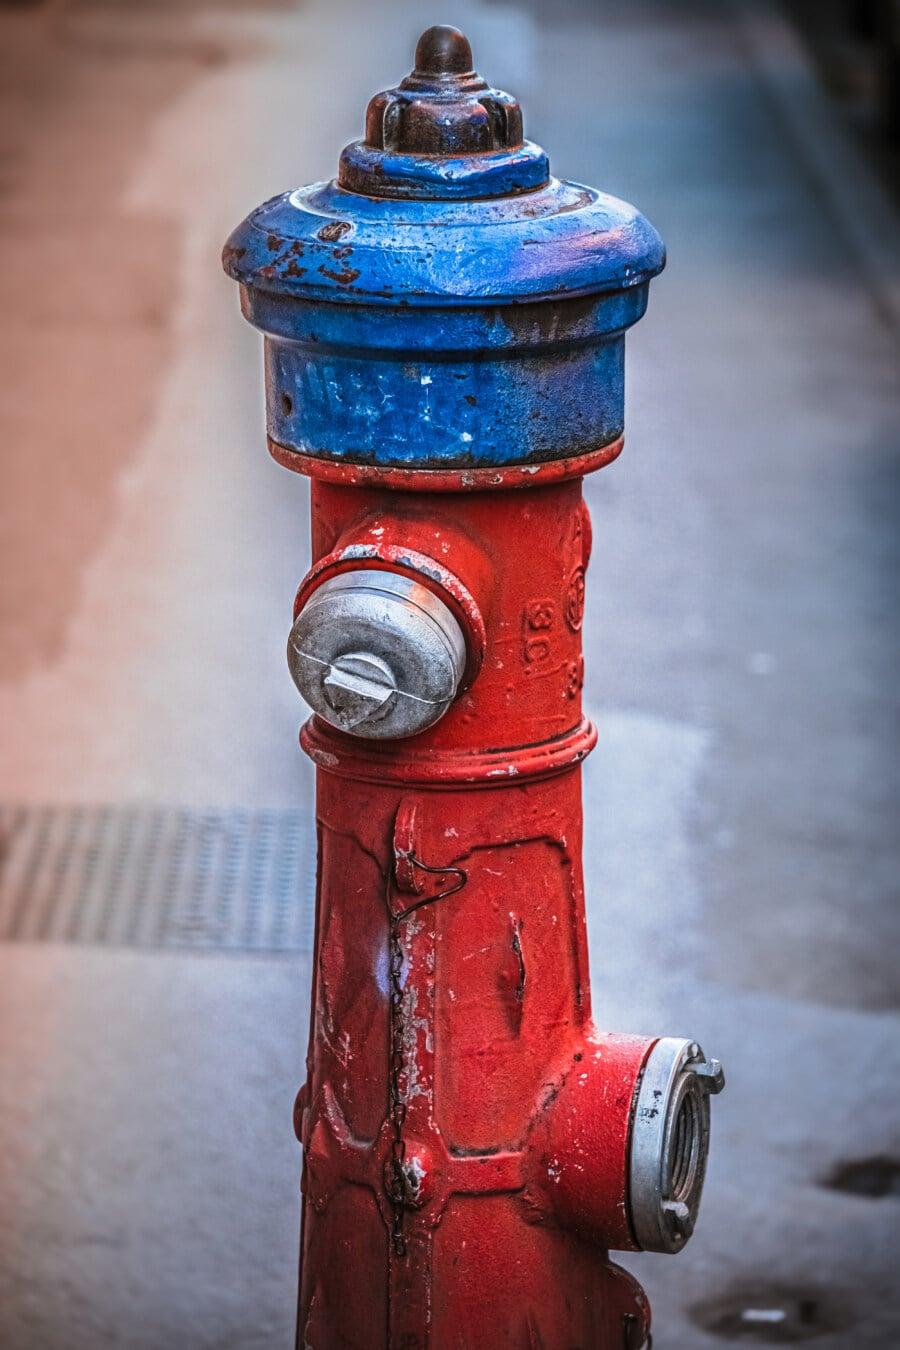 roşu închis, hidrant, până aproape, robinet, presiune, vechi, Antique, retro, oţel, strada